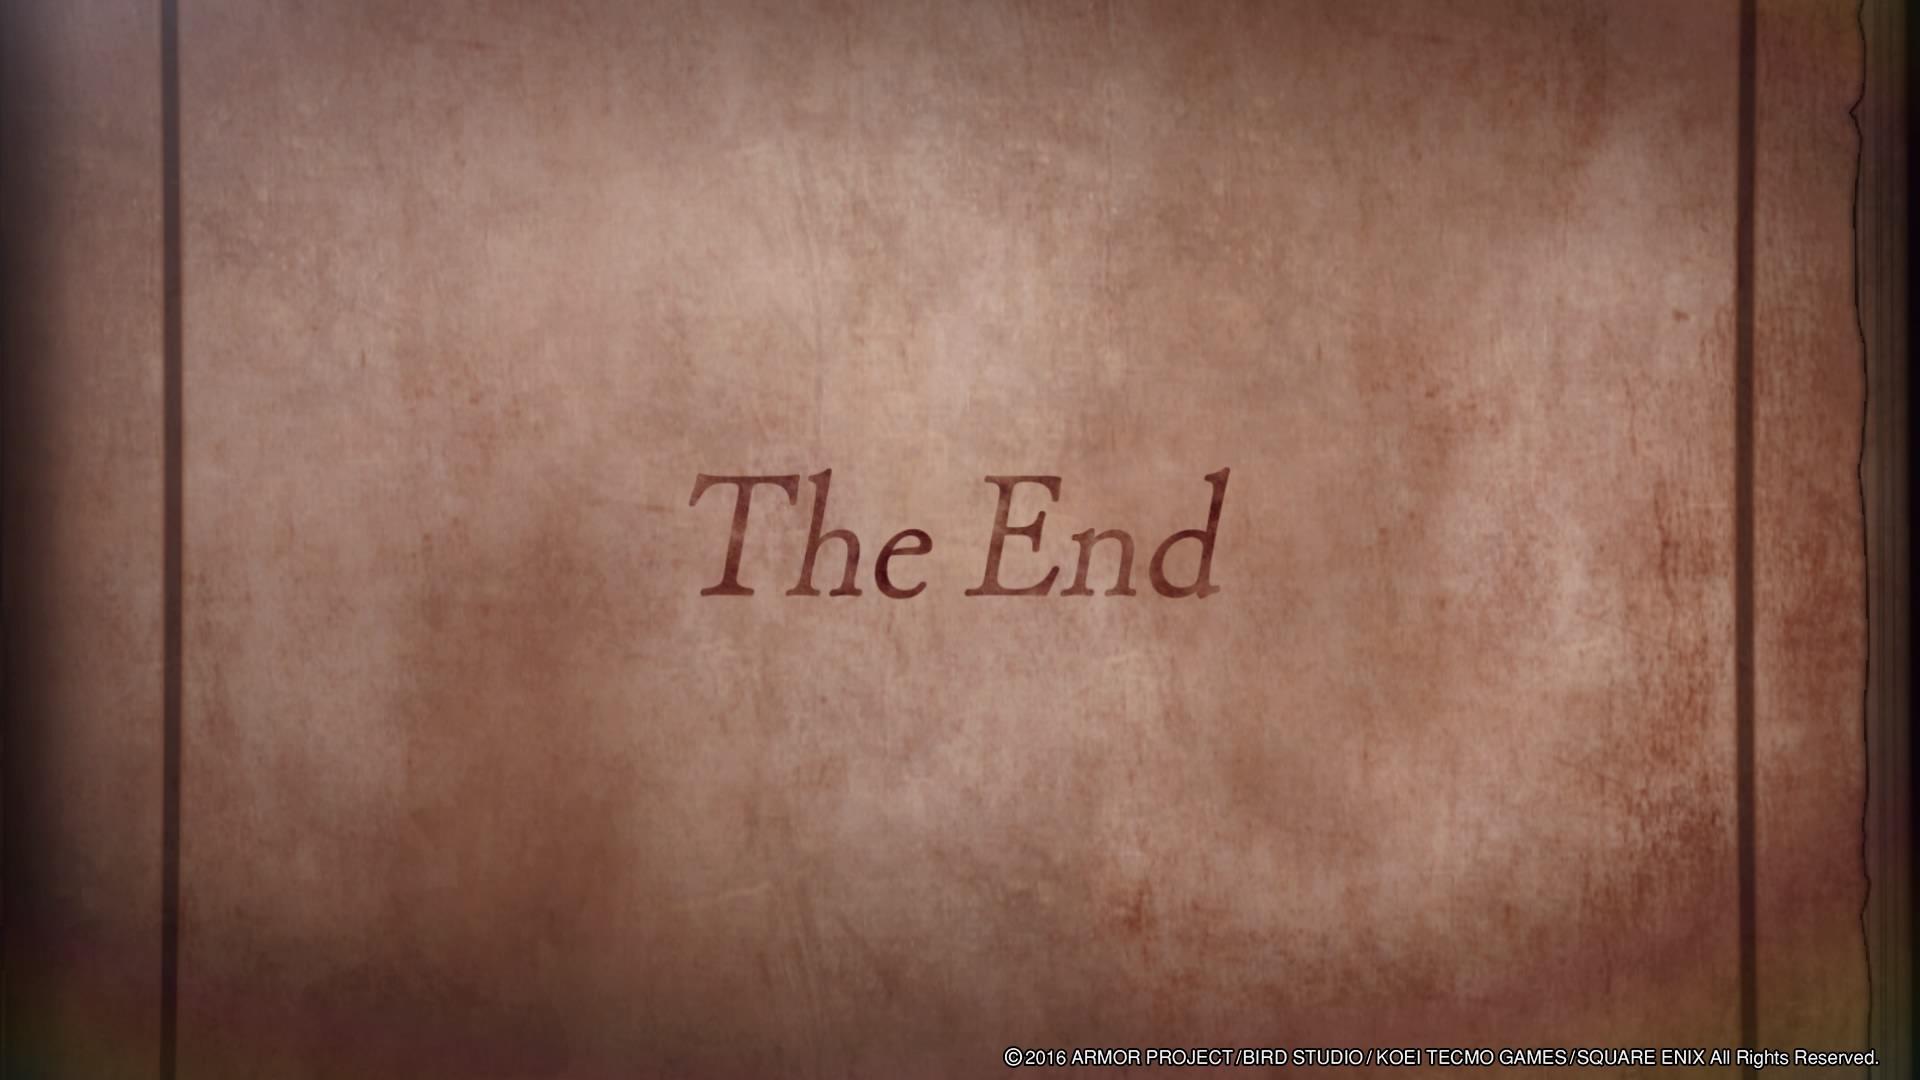 ドラゴンクエストヒーローズⅡ 双子の王と予言の終わり_20160625143952